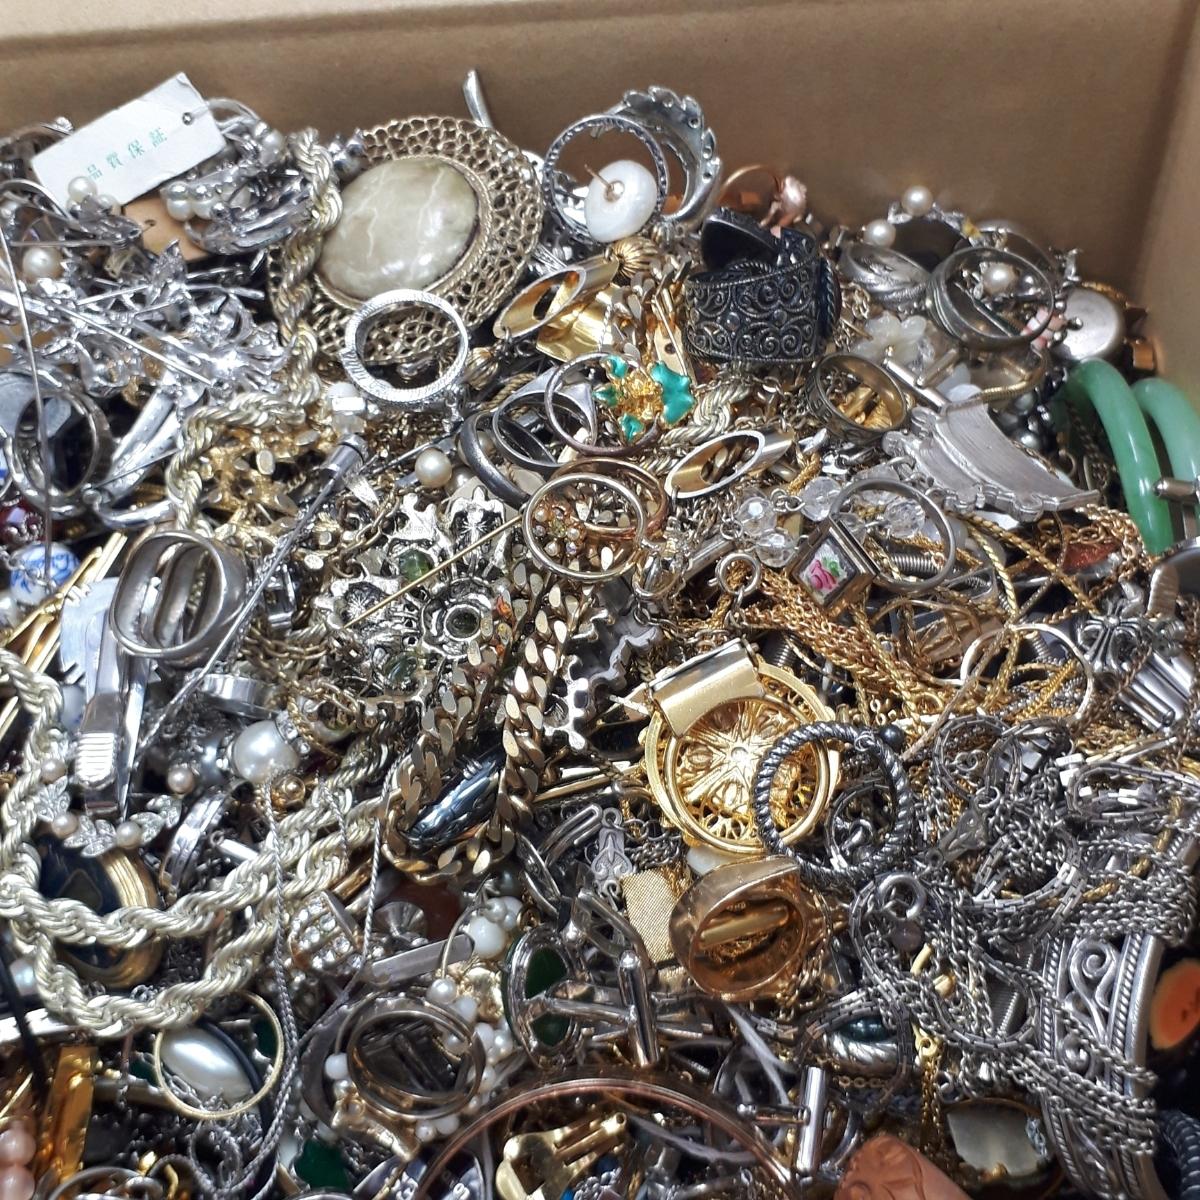 10.3kg アクセサリー 大量 ネックレス 指輪 リング ペンダント ブローチ等 まとめ売り おまとめ まとめて セット 整理品 ヴィンテージ A2_画像3